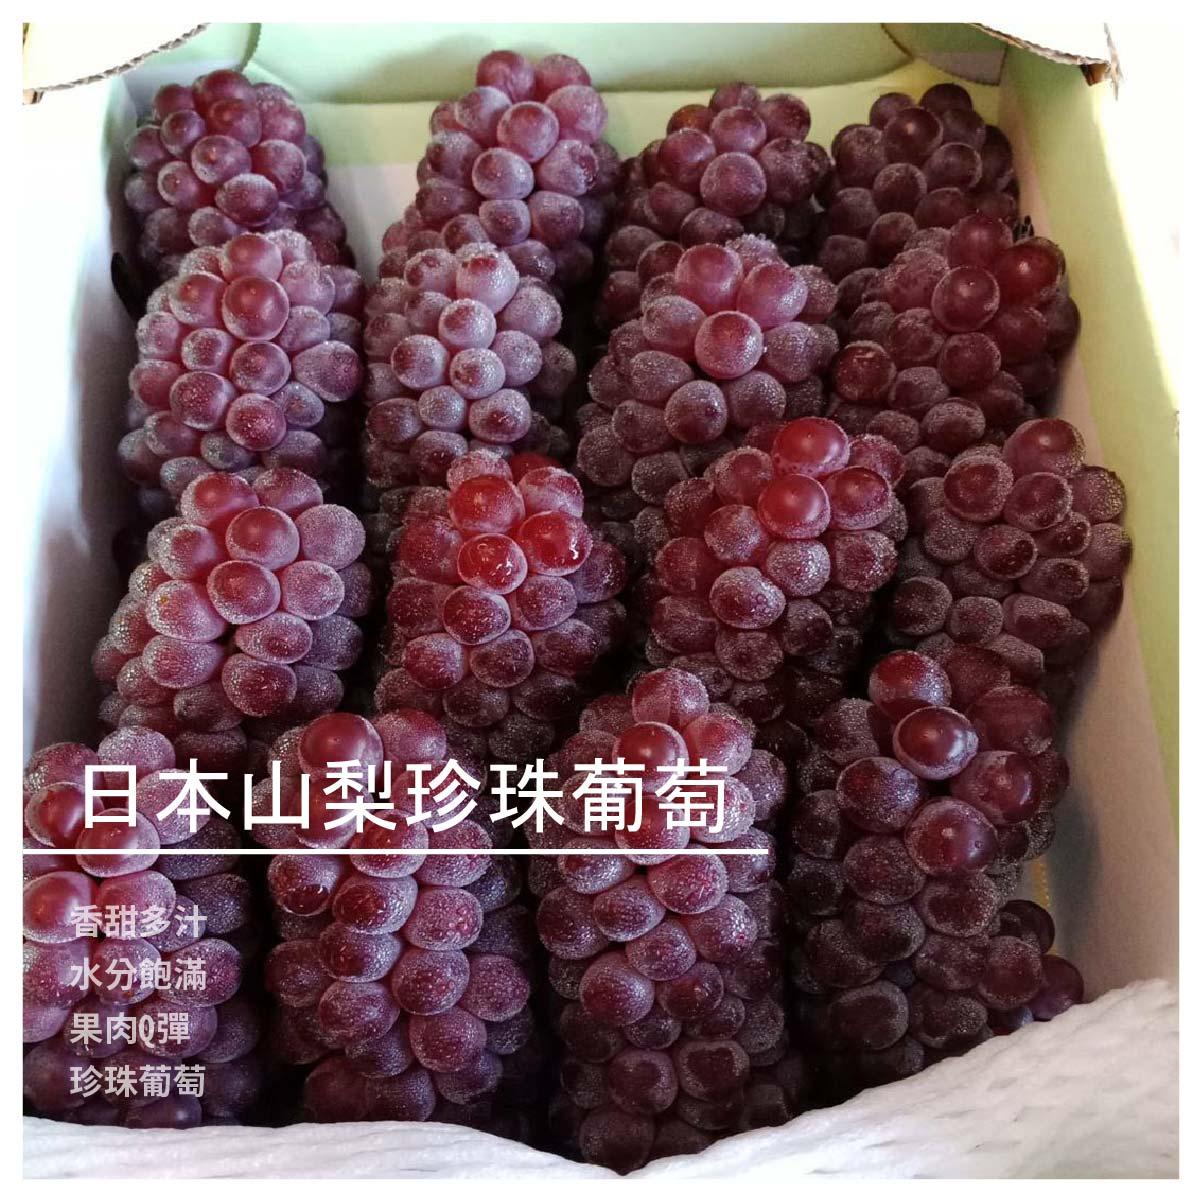 【緁迪水果】日本山梨珍珠葡萄